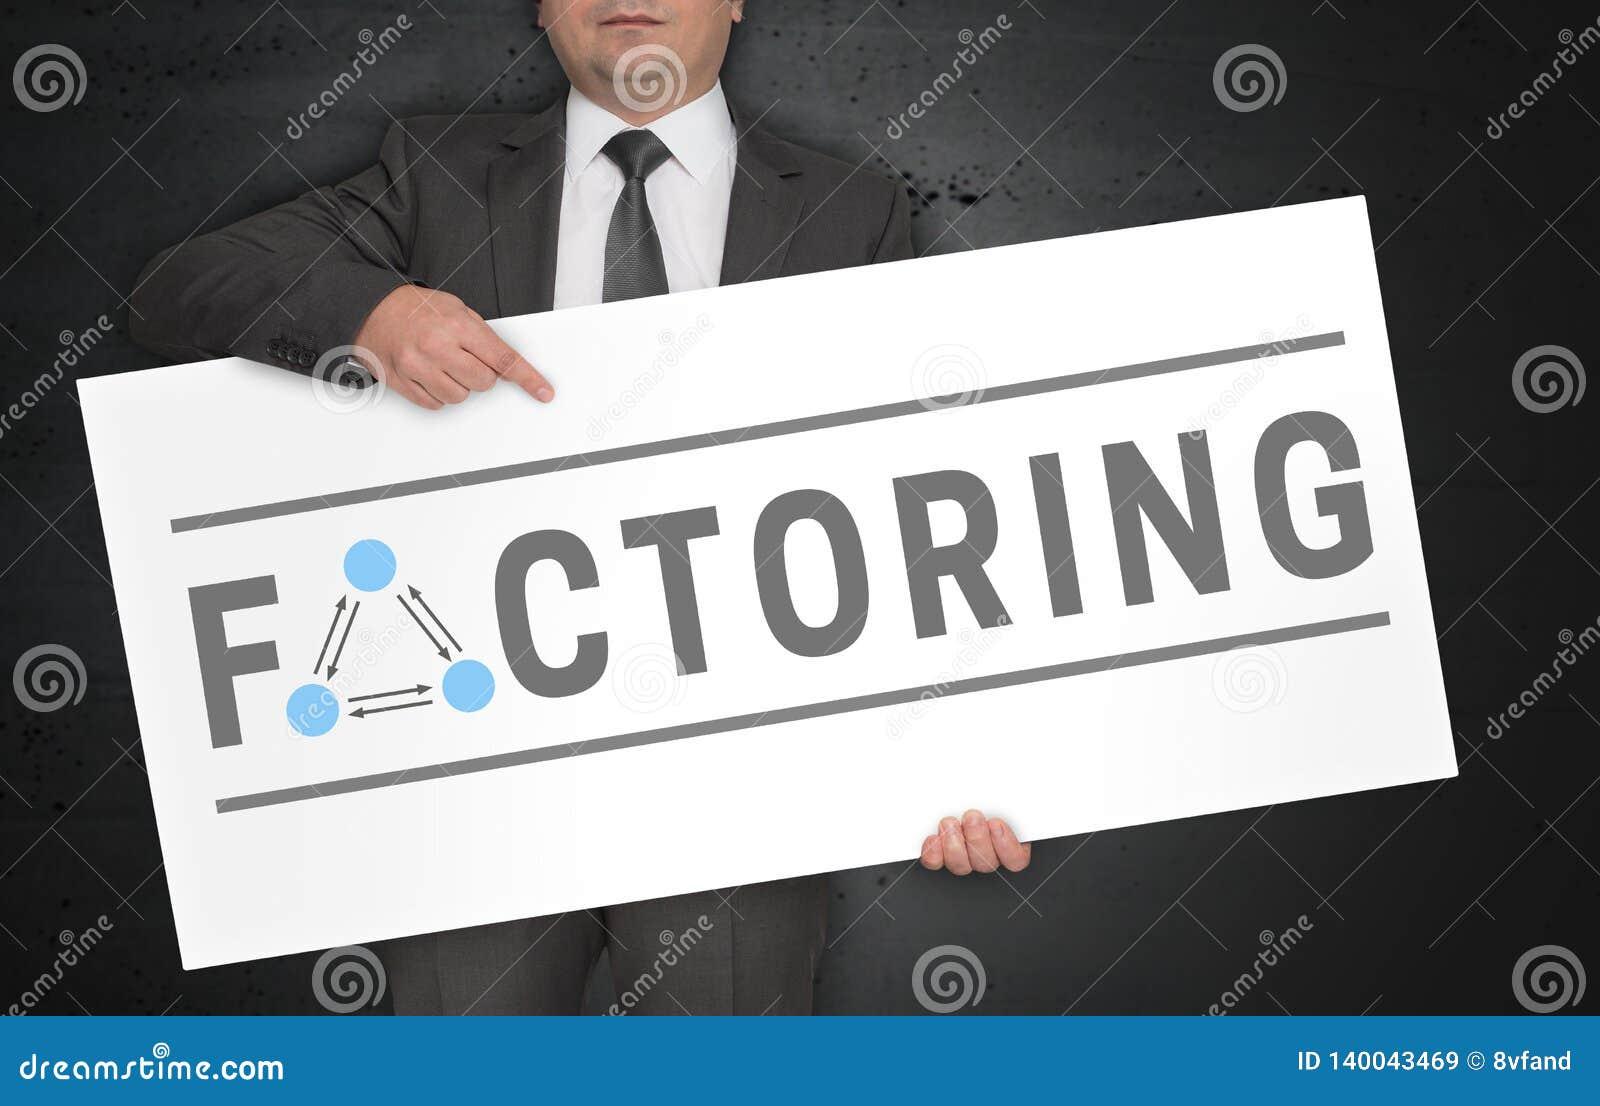 Факторизовать плакат держится бизнесменом